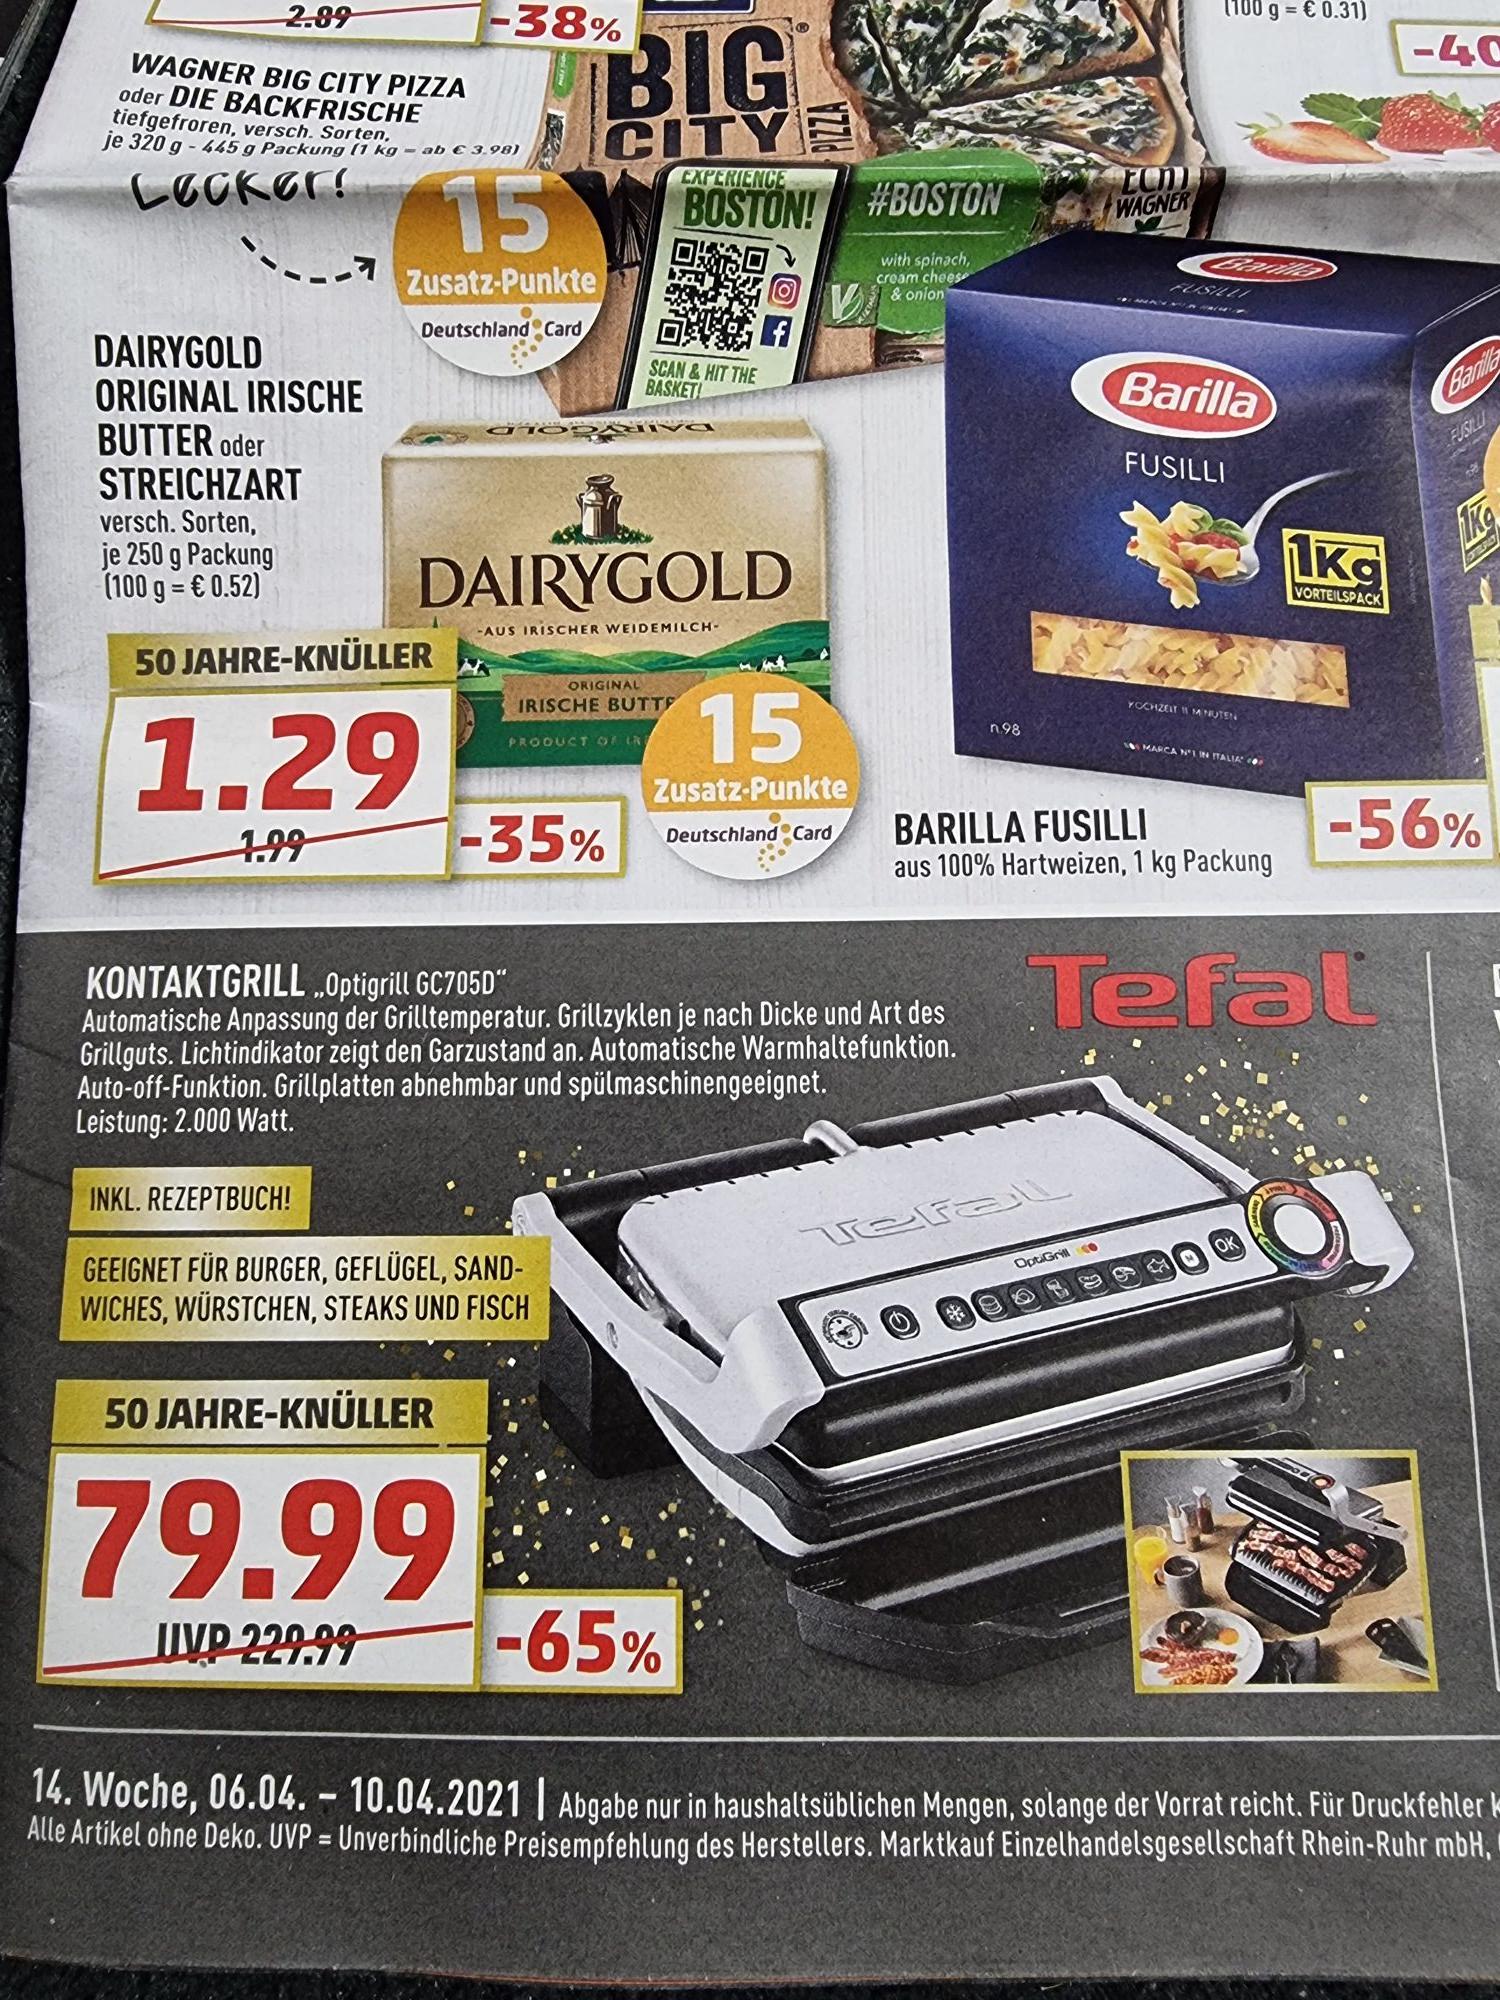 Kontaktgrill Tefal Optigrill GC705D mit Rezeptbuch im Marktkauf Bielefeld